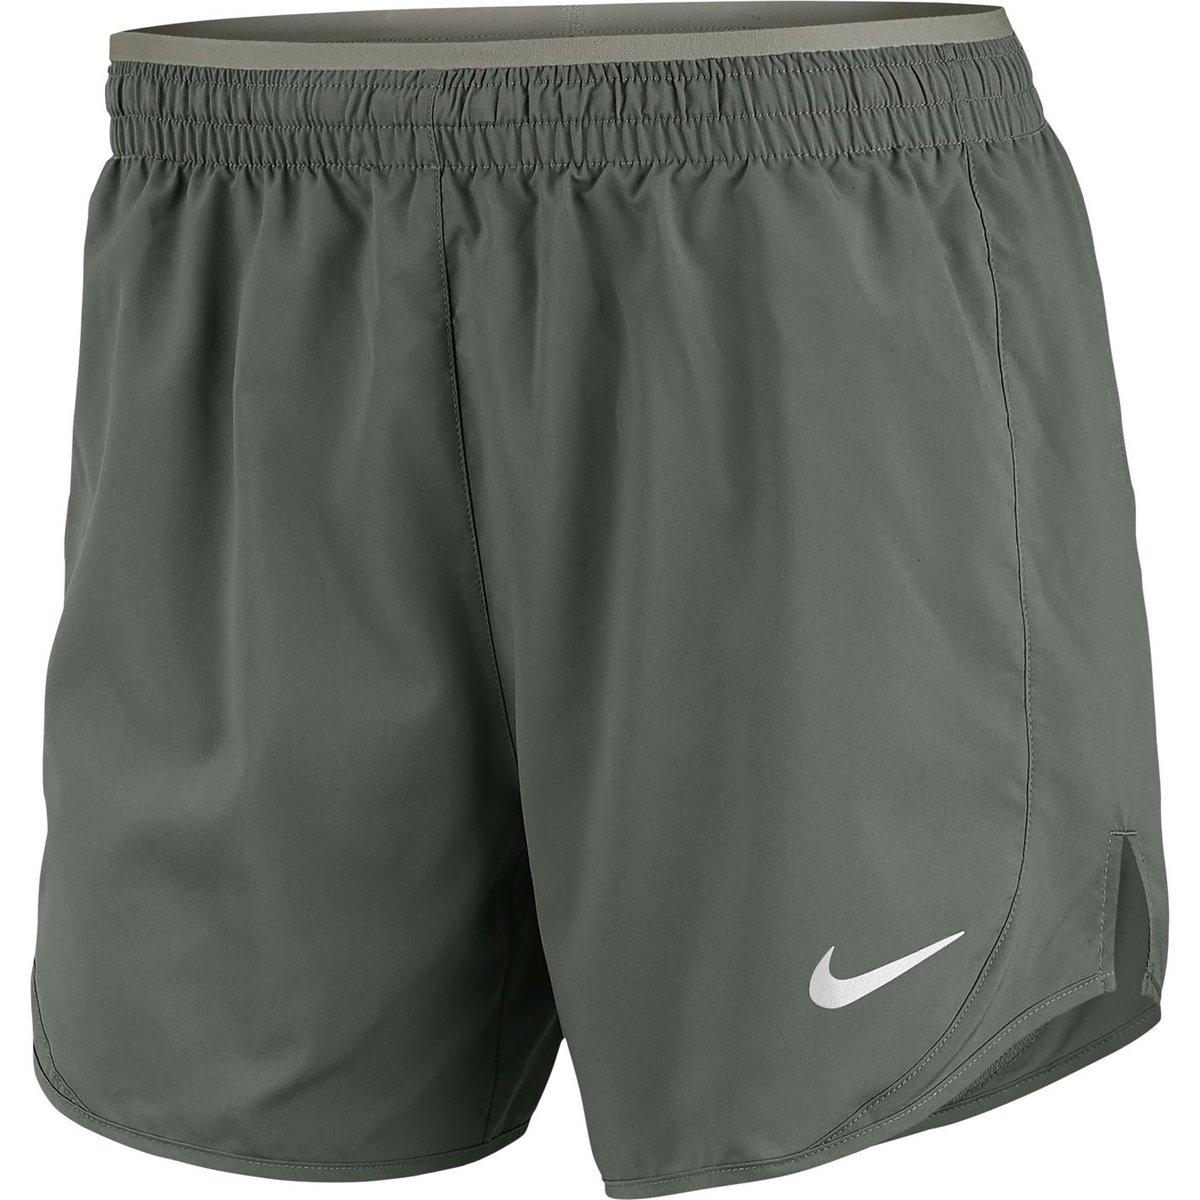 Tempo Lx Shorts